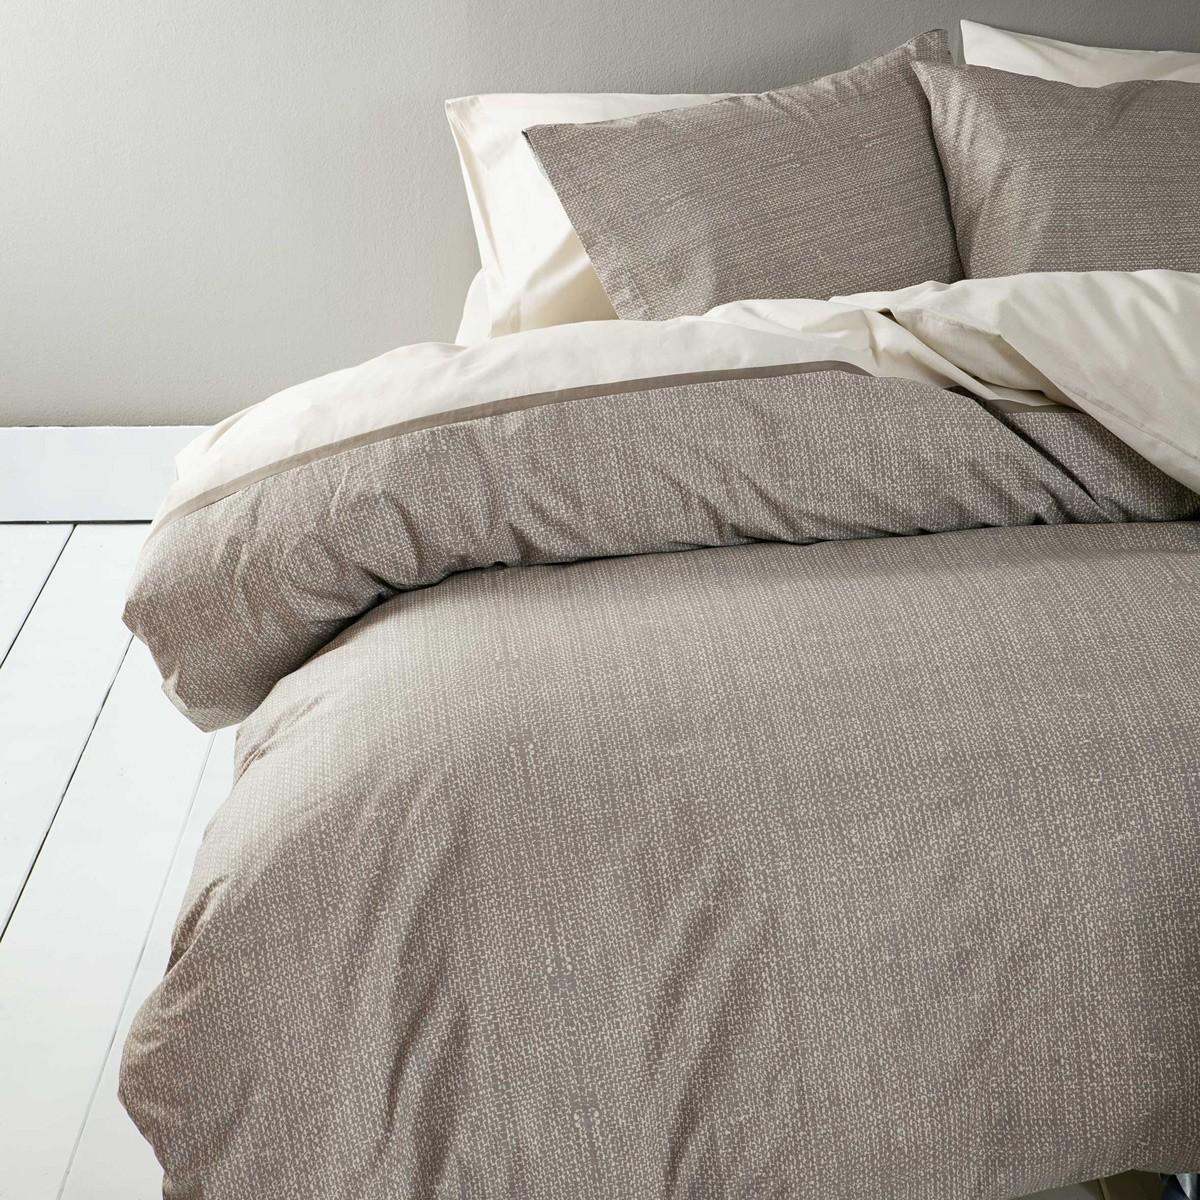 Παπλωματοθήκη Υπέρδιπλη (Σετ) Nima Bed Linen Carmelo